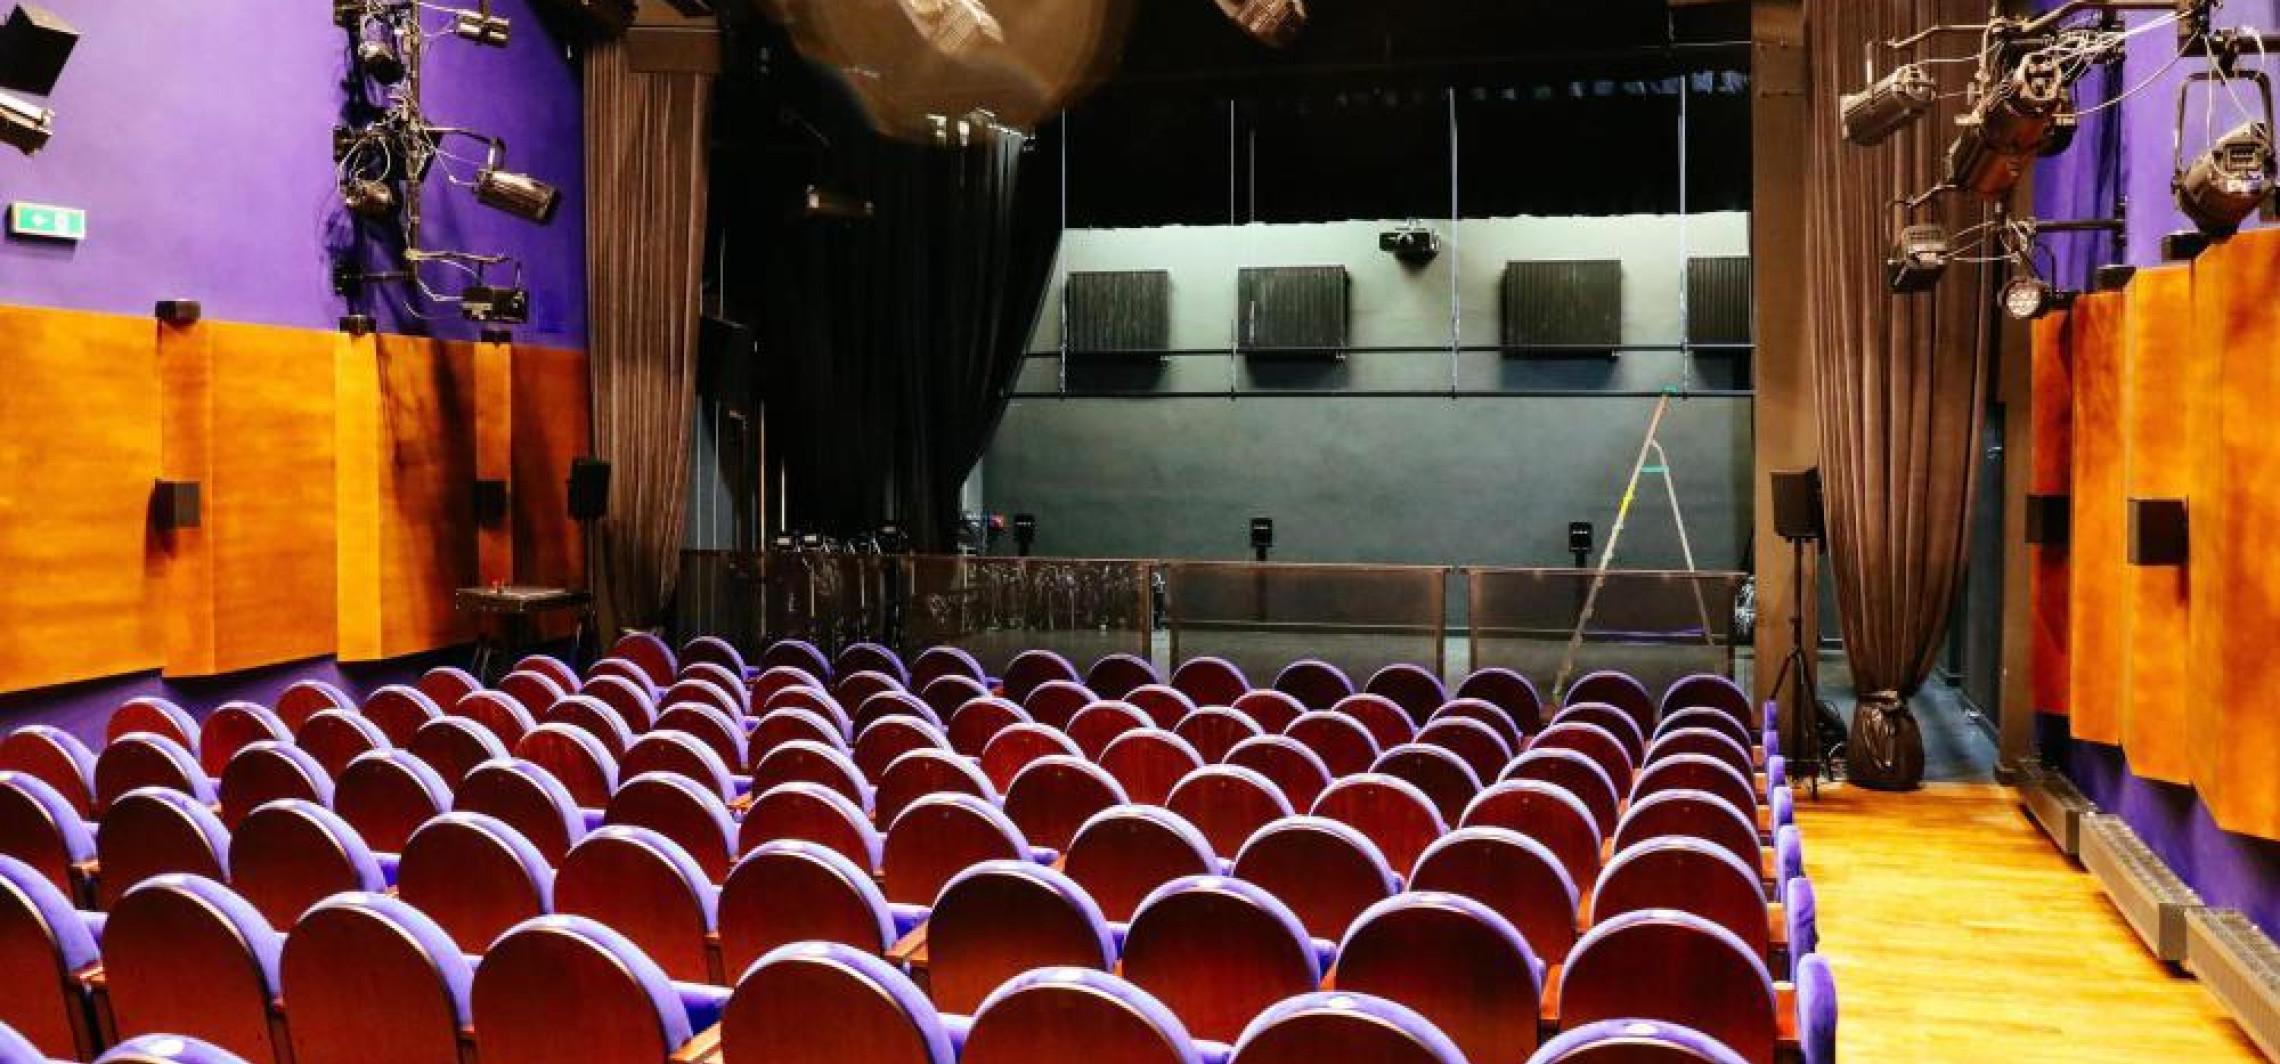 Kraj - Morawiecki: przyspieszamy otwarcie kin, filharmonii i teatrów o 8 dni - od 21 maja